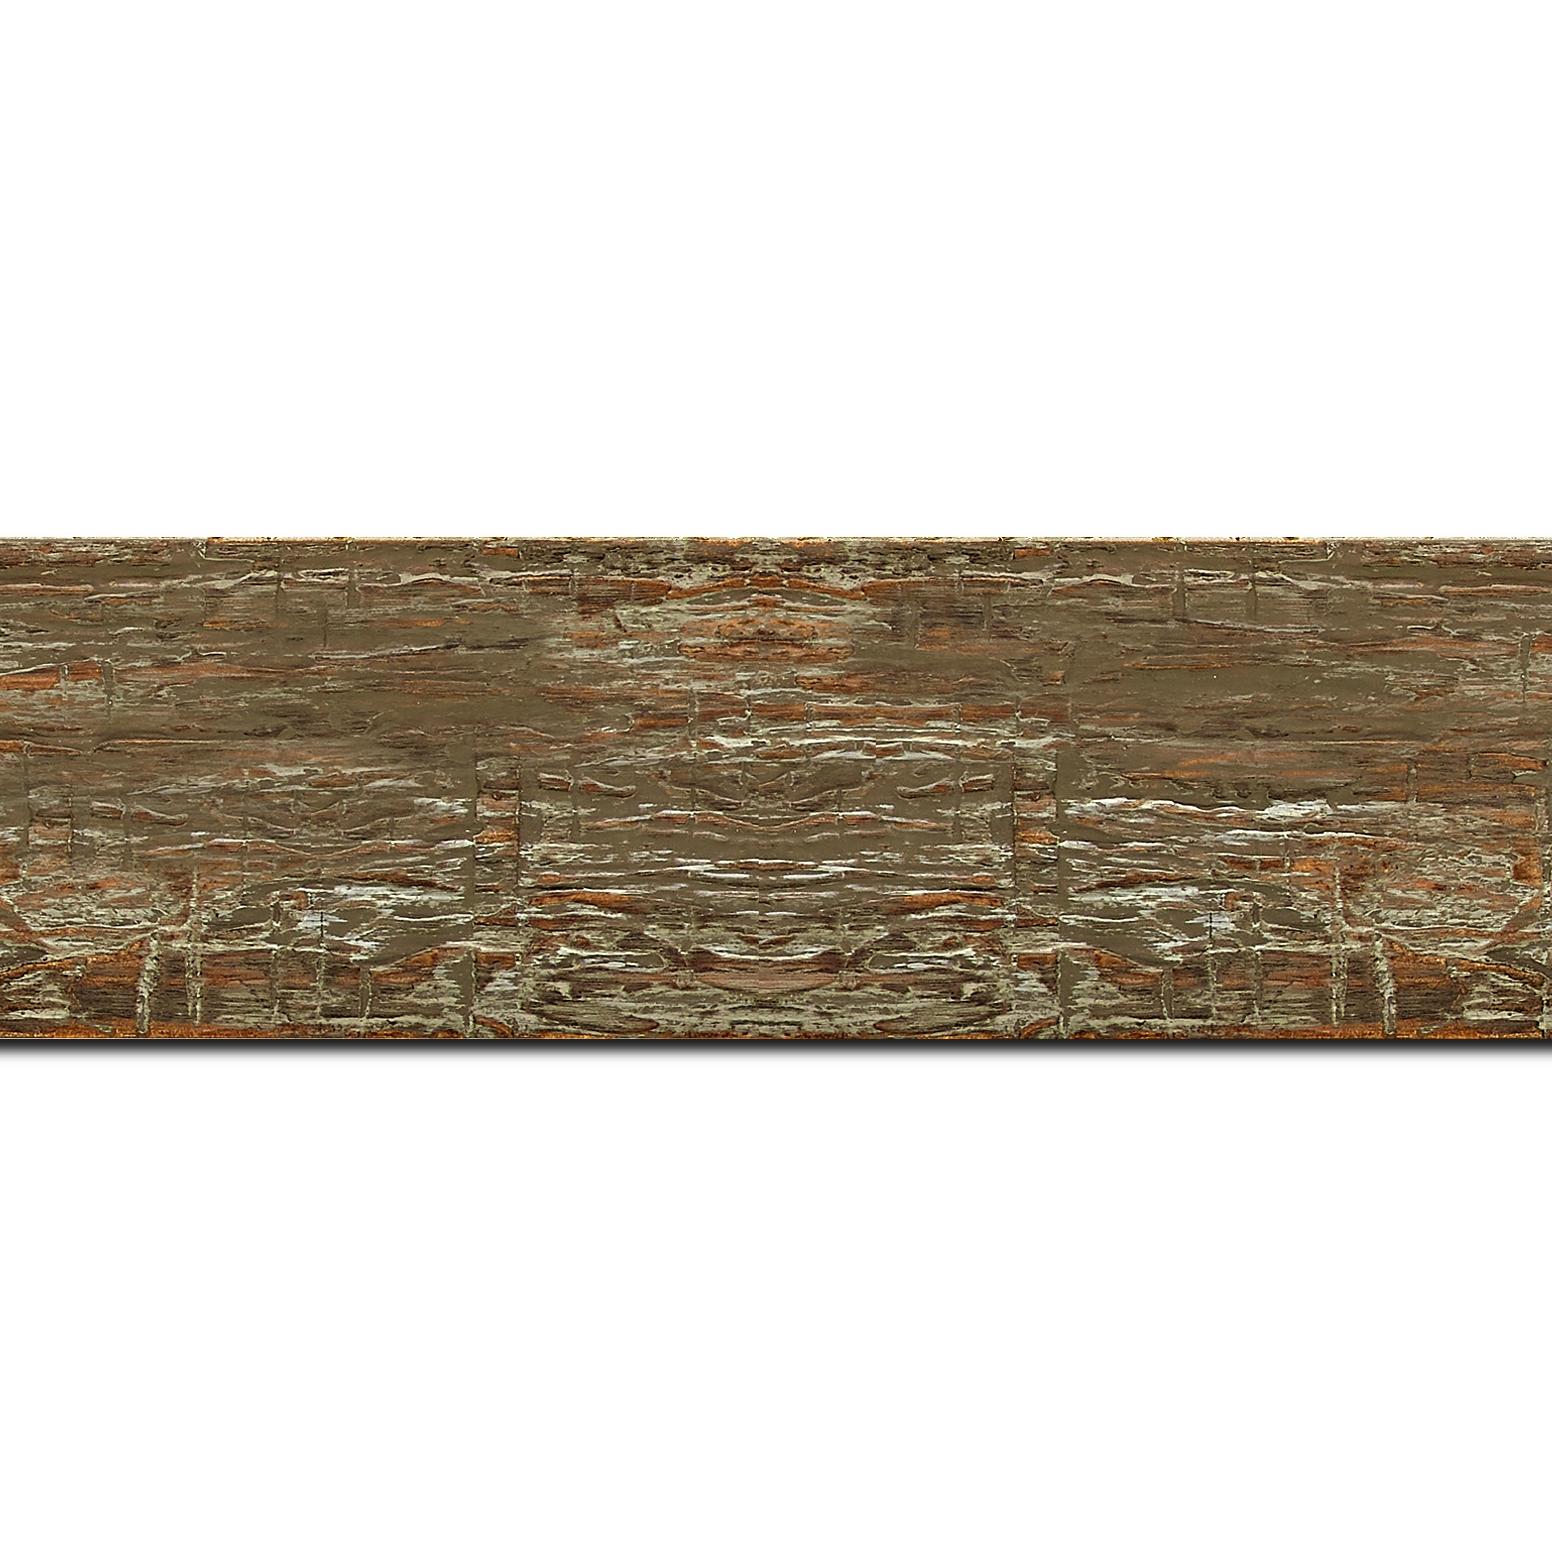 Pack par 12m, bois profil plat largeur 5cm couleur marron vieilli finition bois brut aspect palette (longueur baguette pouvant varier entre 2.40m et 3m selon arrivage des bois)